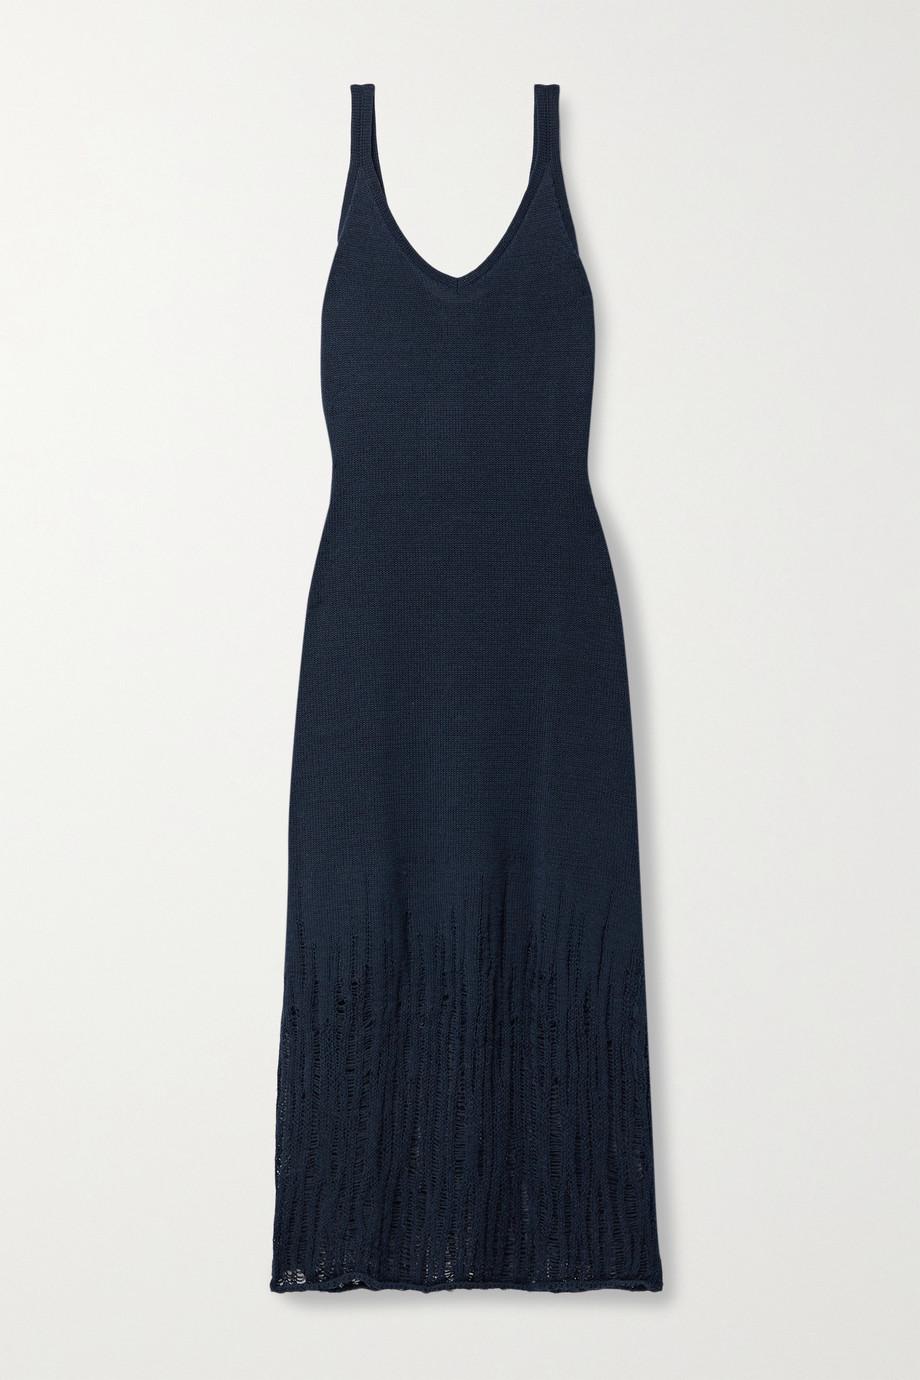 Jason Wu Knitted midi dress